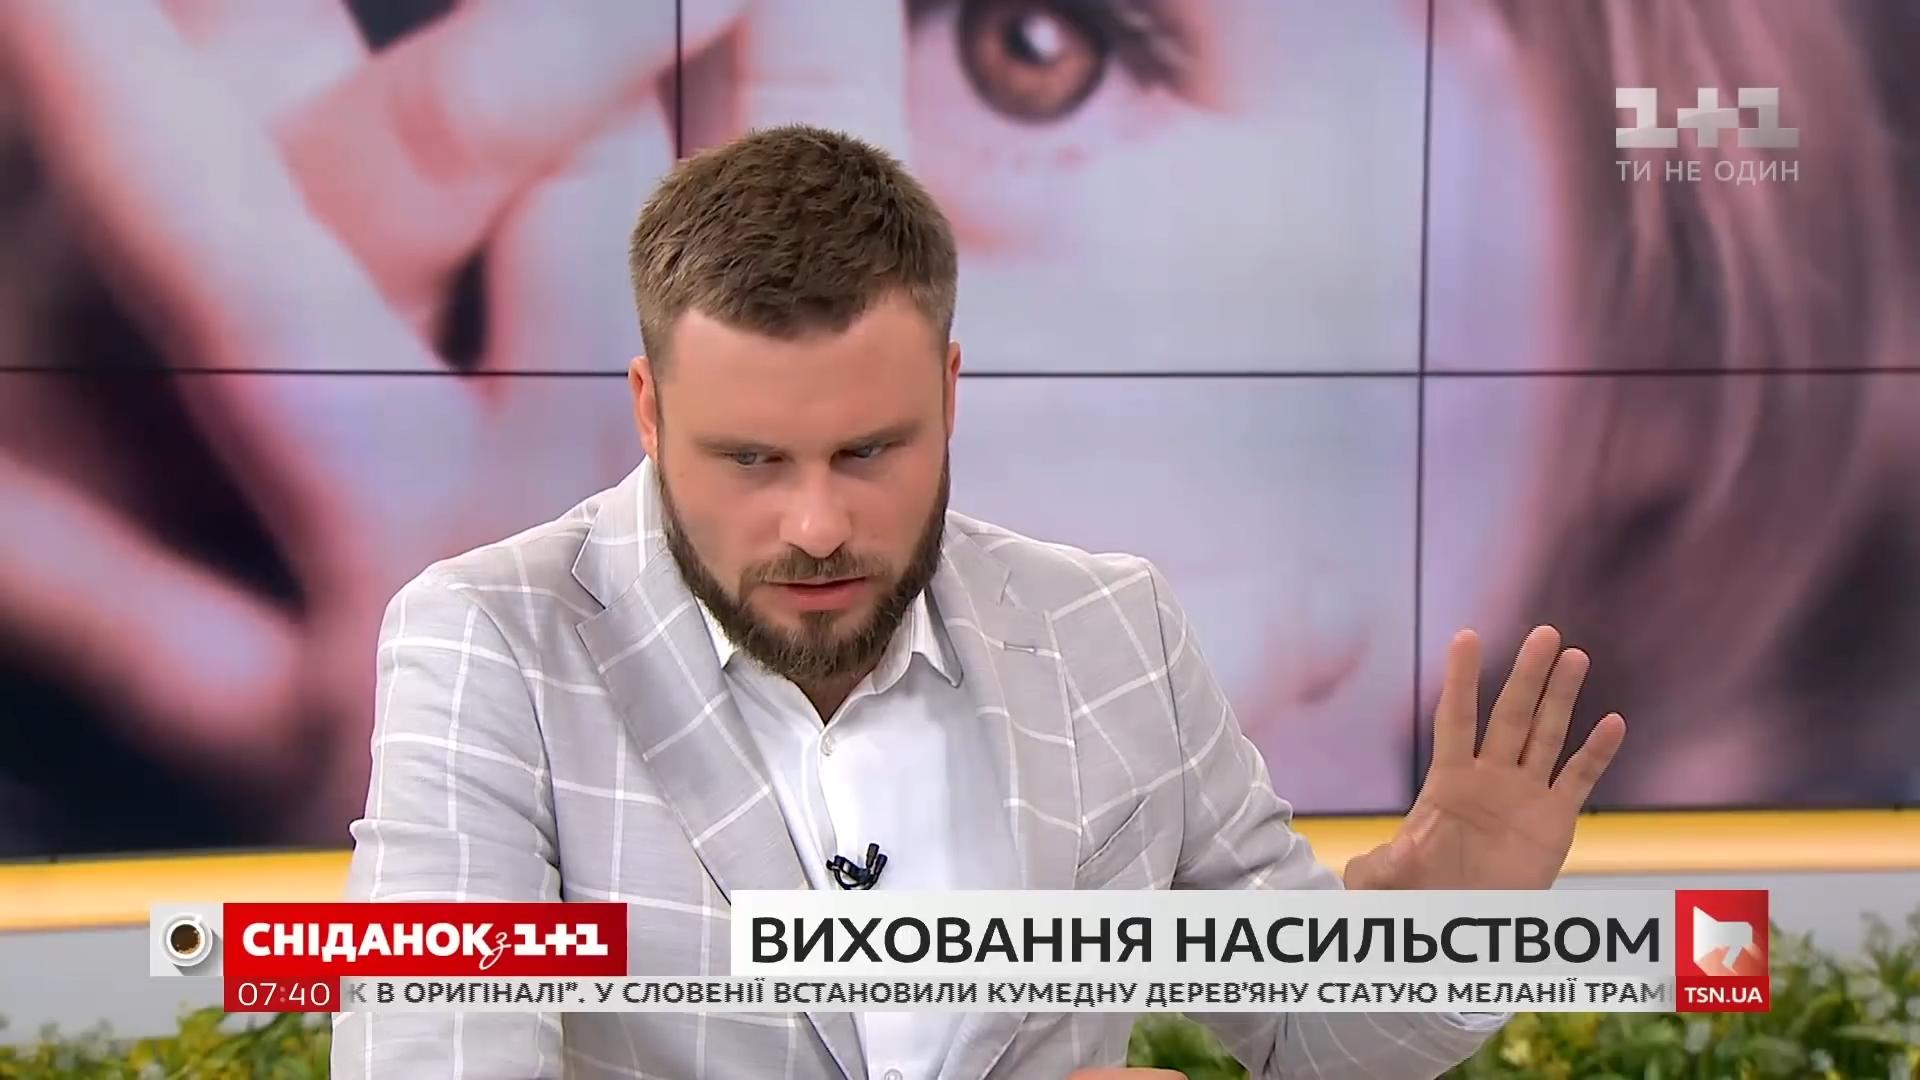 20190708_09-51-Что в Украине считается насилием над детьми и как ему противостоять - адвокат Олег Простибоженко-pic06